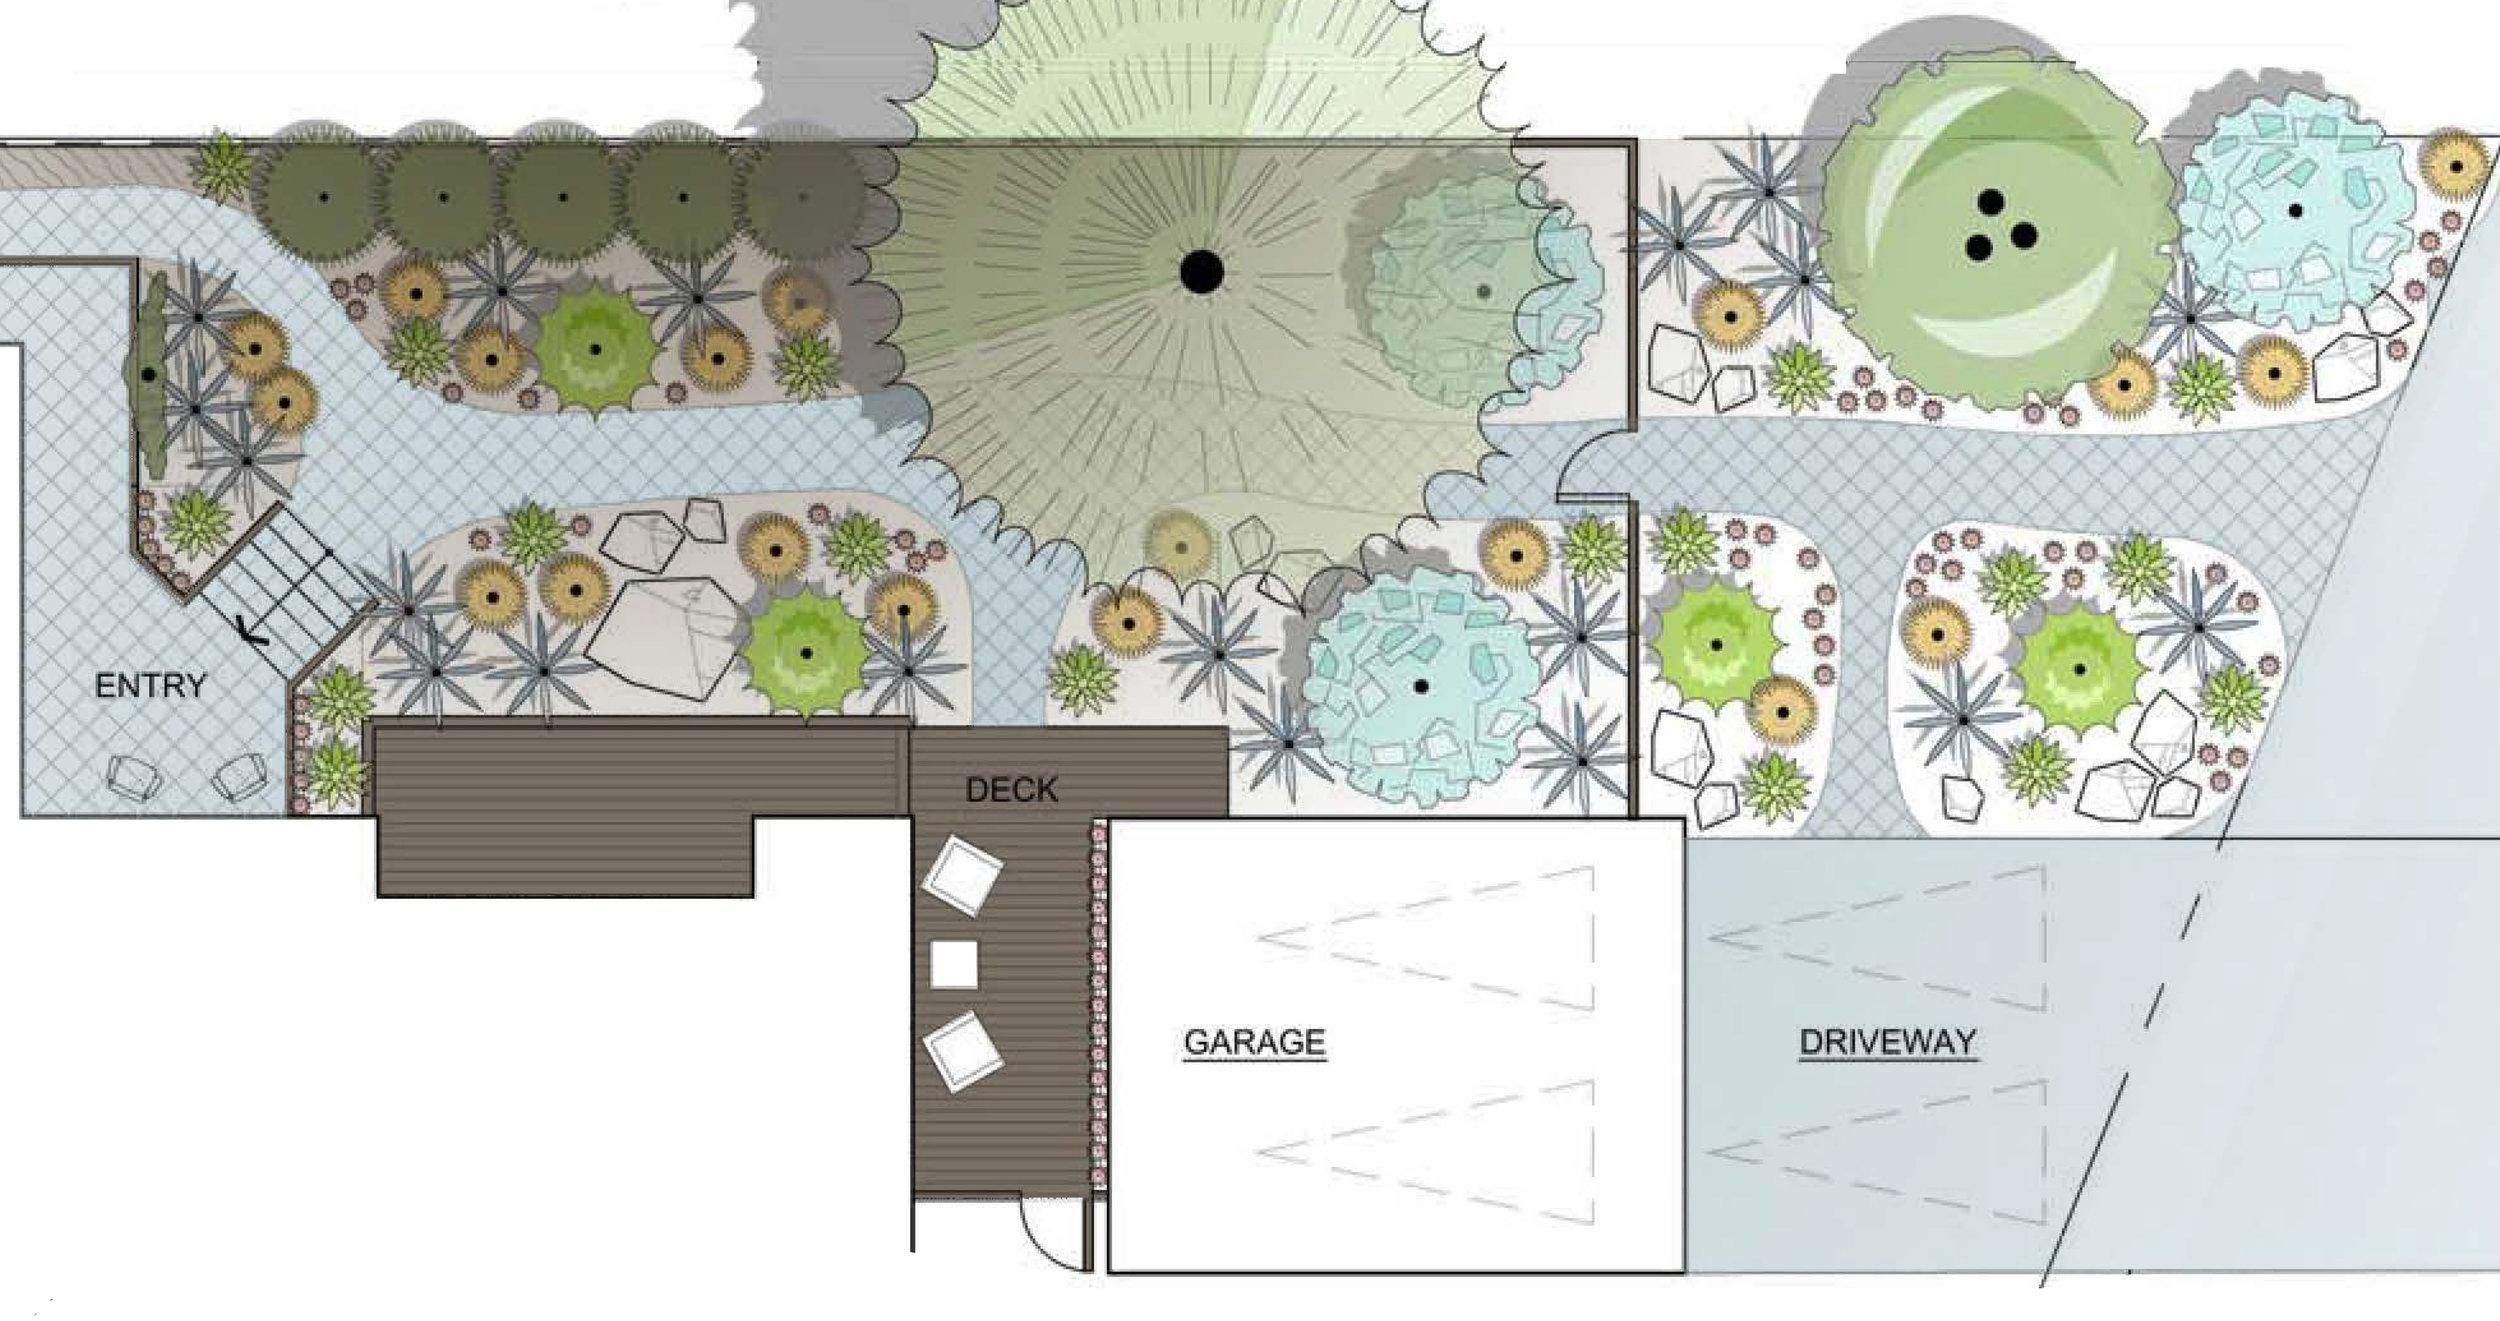 cambria landscape architecture design ten over studio.jpg